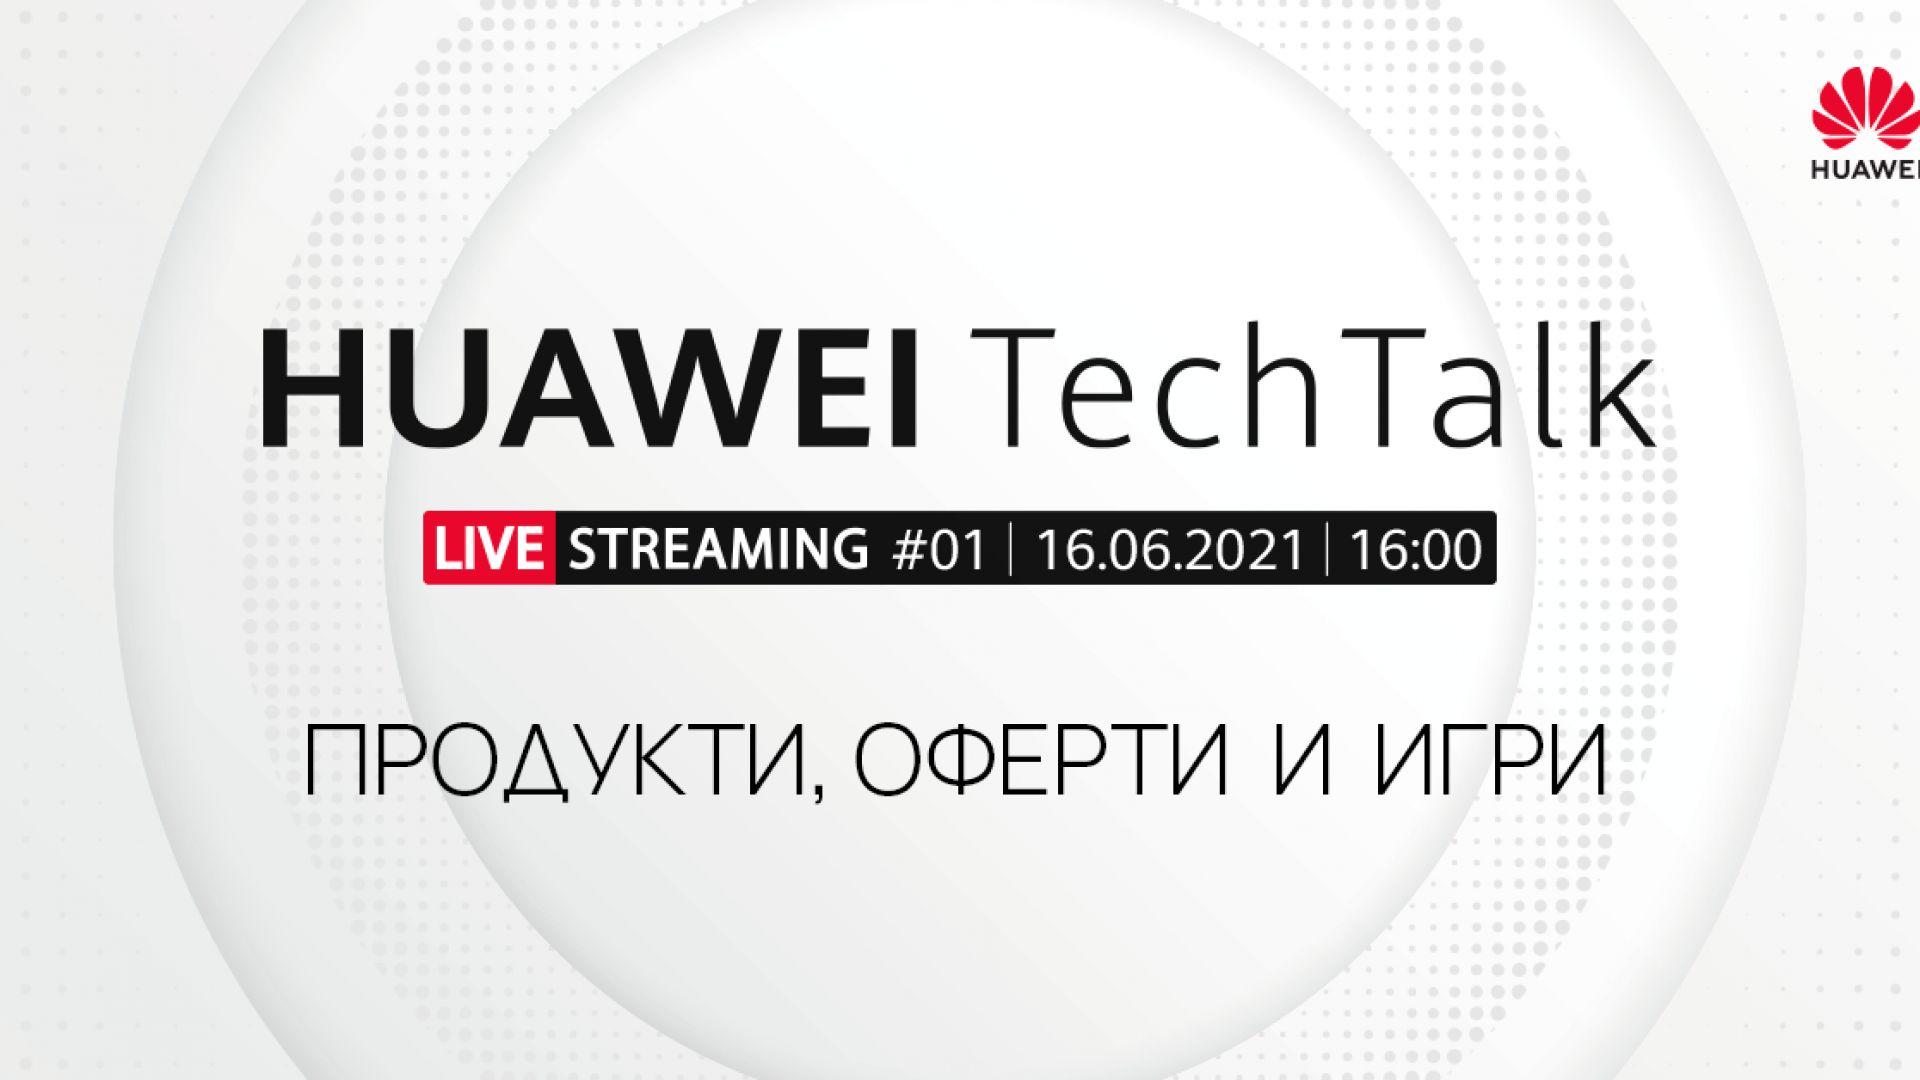 Huawei обявява първото издание на Huawei TechTalk и ексклузивни онлайн оферти